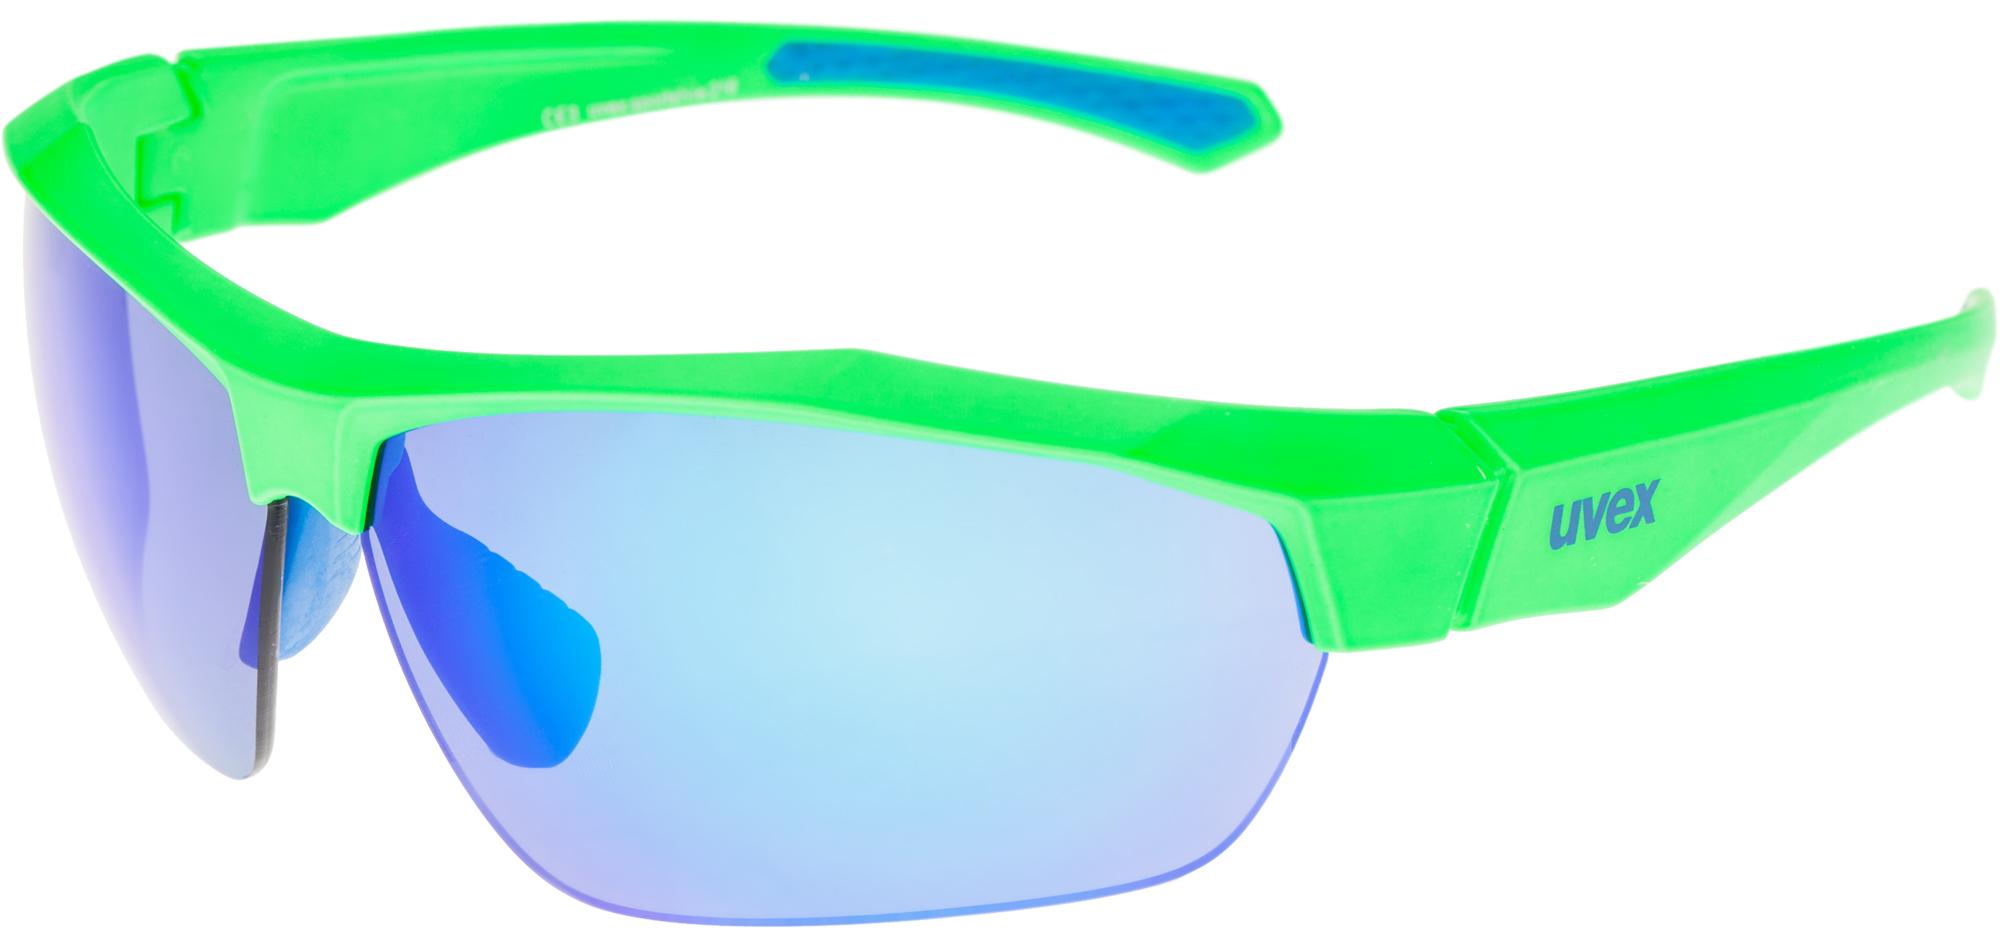 Uvex Солнцезащитные очки Uvex Sportstyle 216